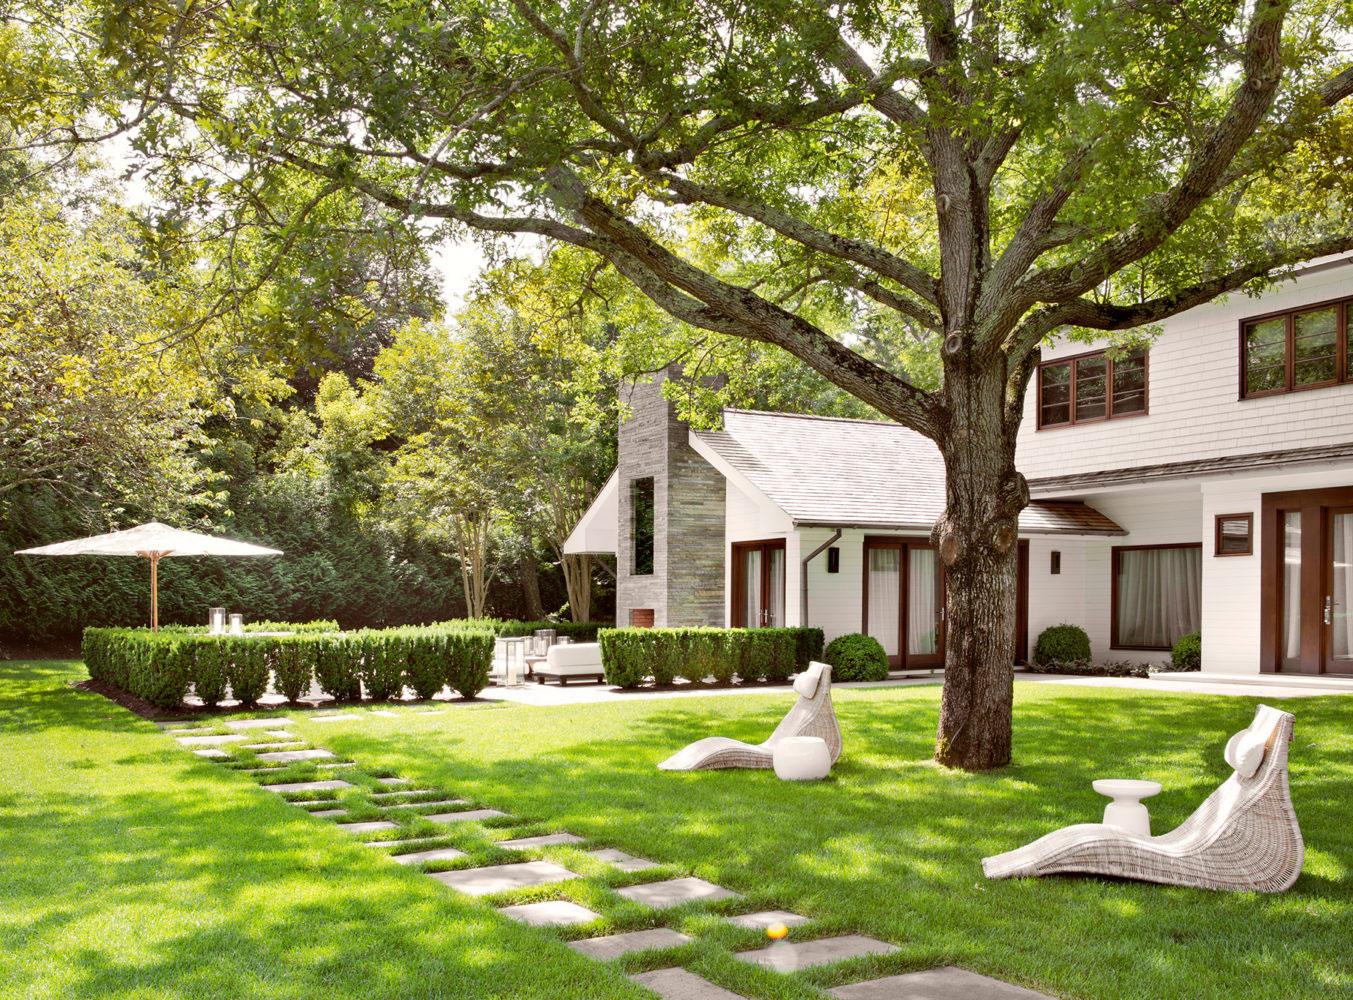 дизайн фото домов